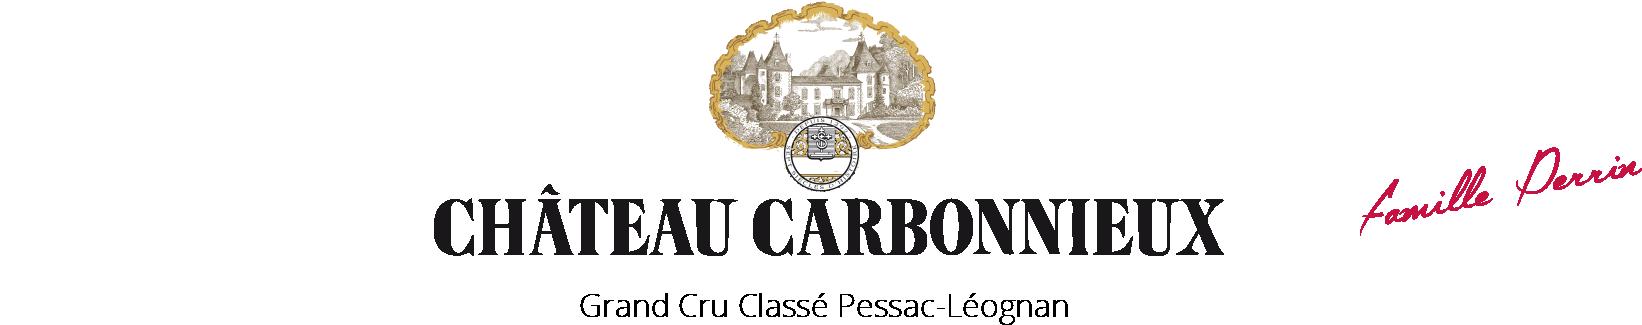 visuel Château Carbonnieux